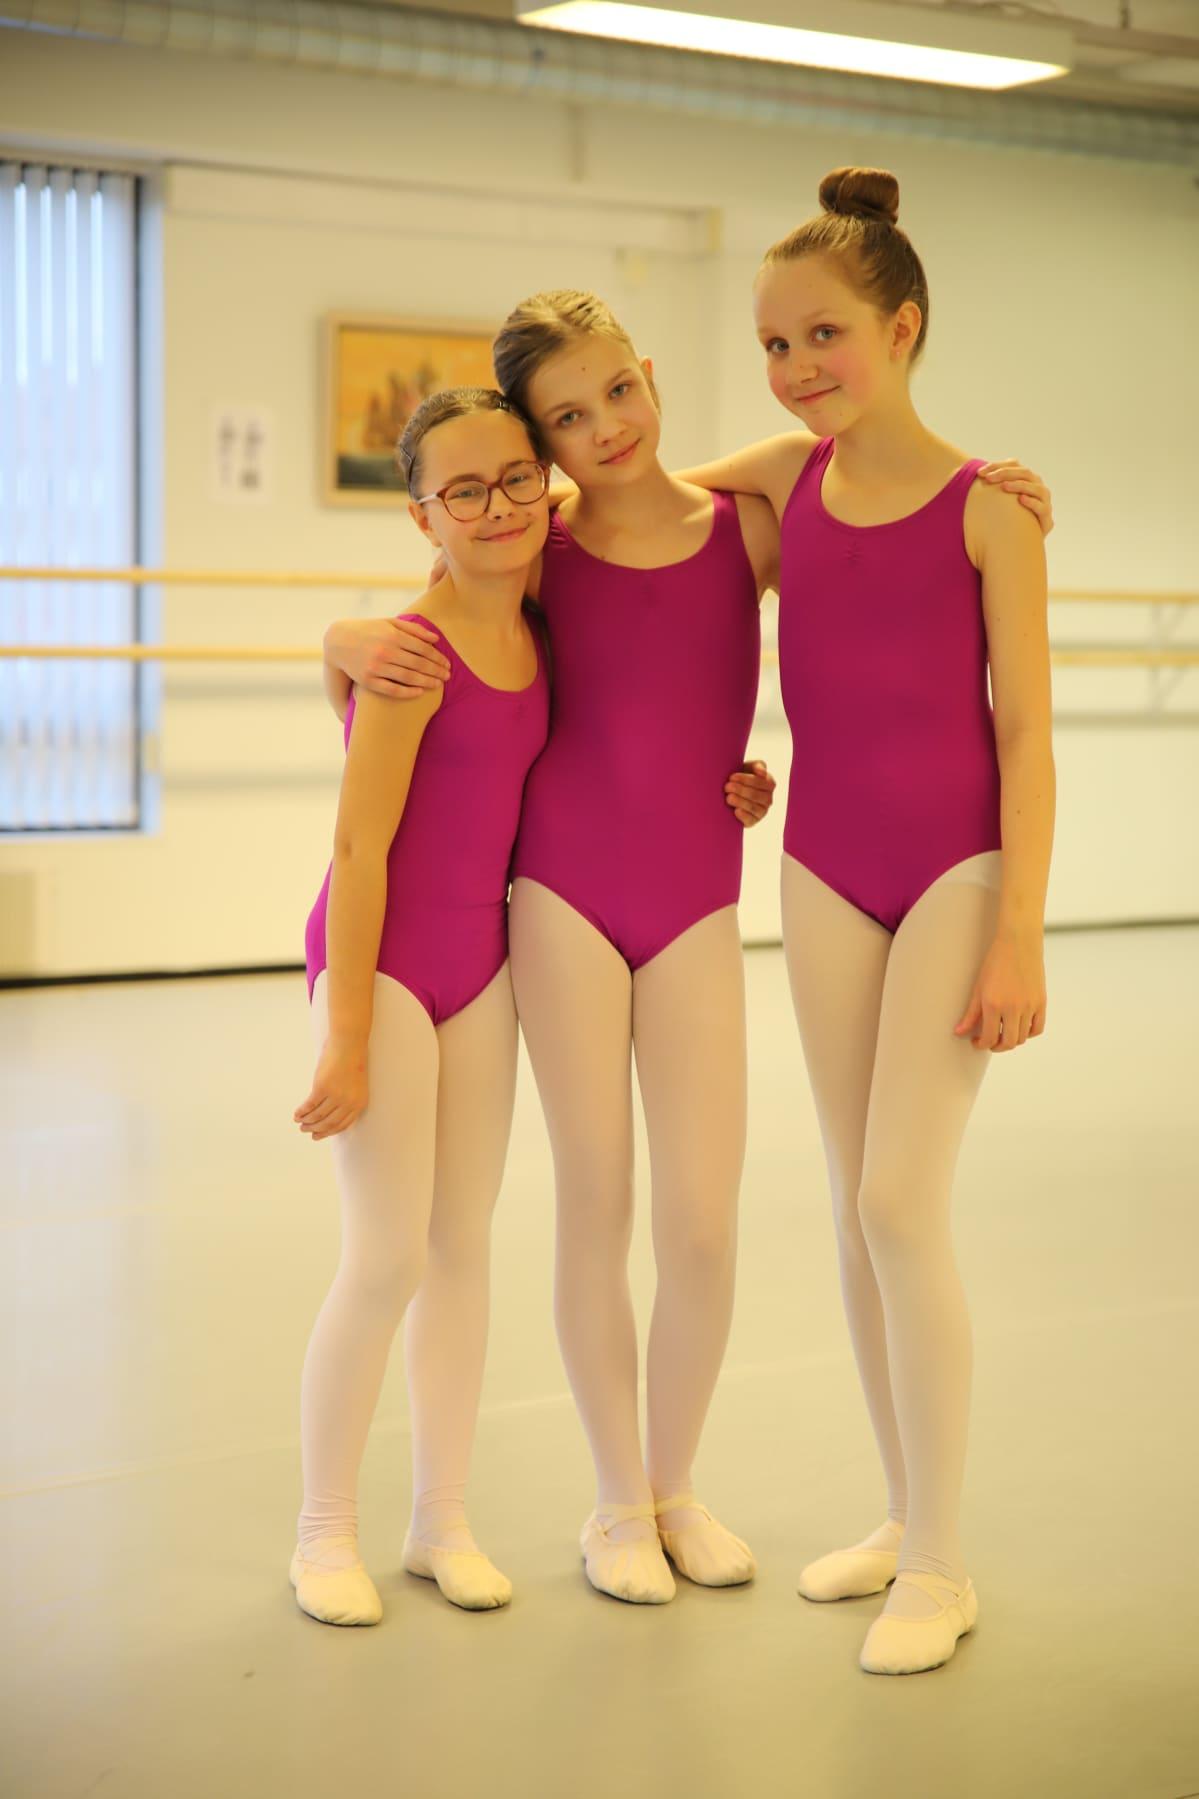 Etelä-Hämeen Tanssiopsiton oppilaat Inna Heikkinen, Ronja Laitinen ja Linnea Valtanen poseeraavat balettiitunnin jälkeen tanssisalissa.